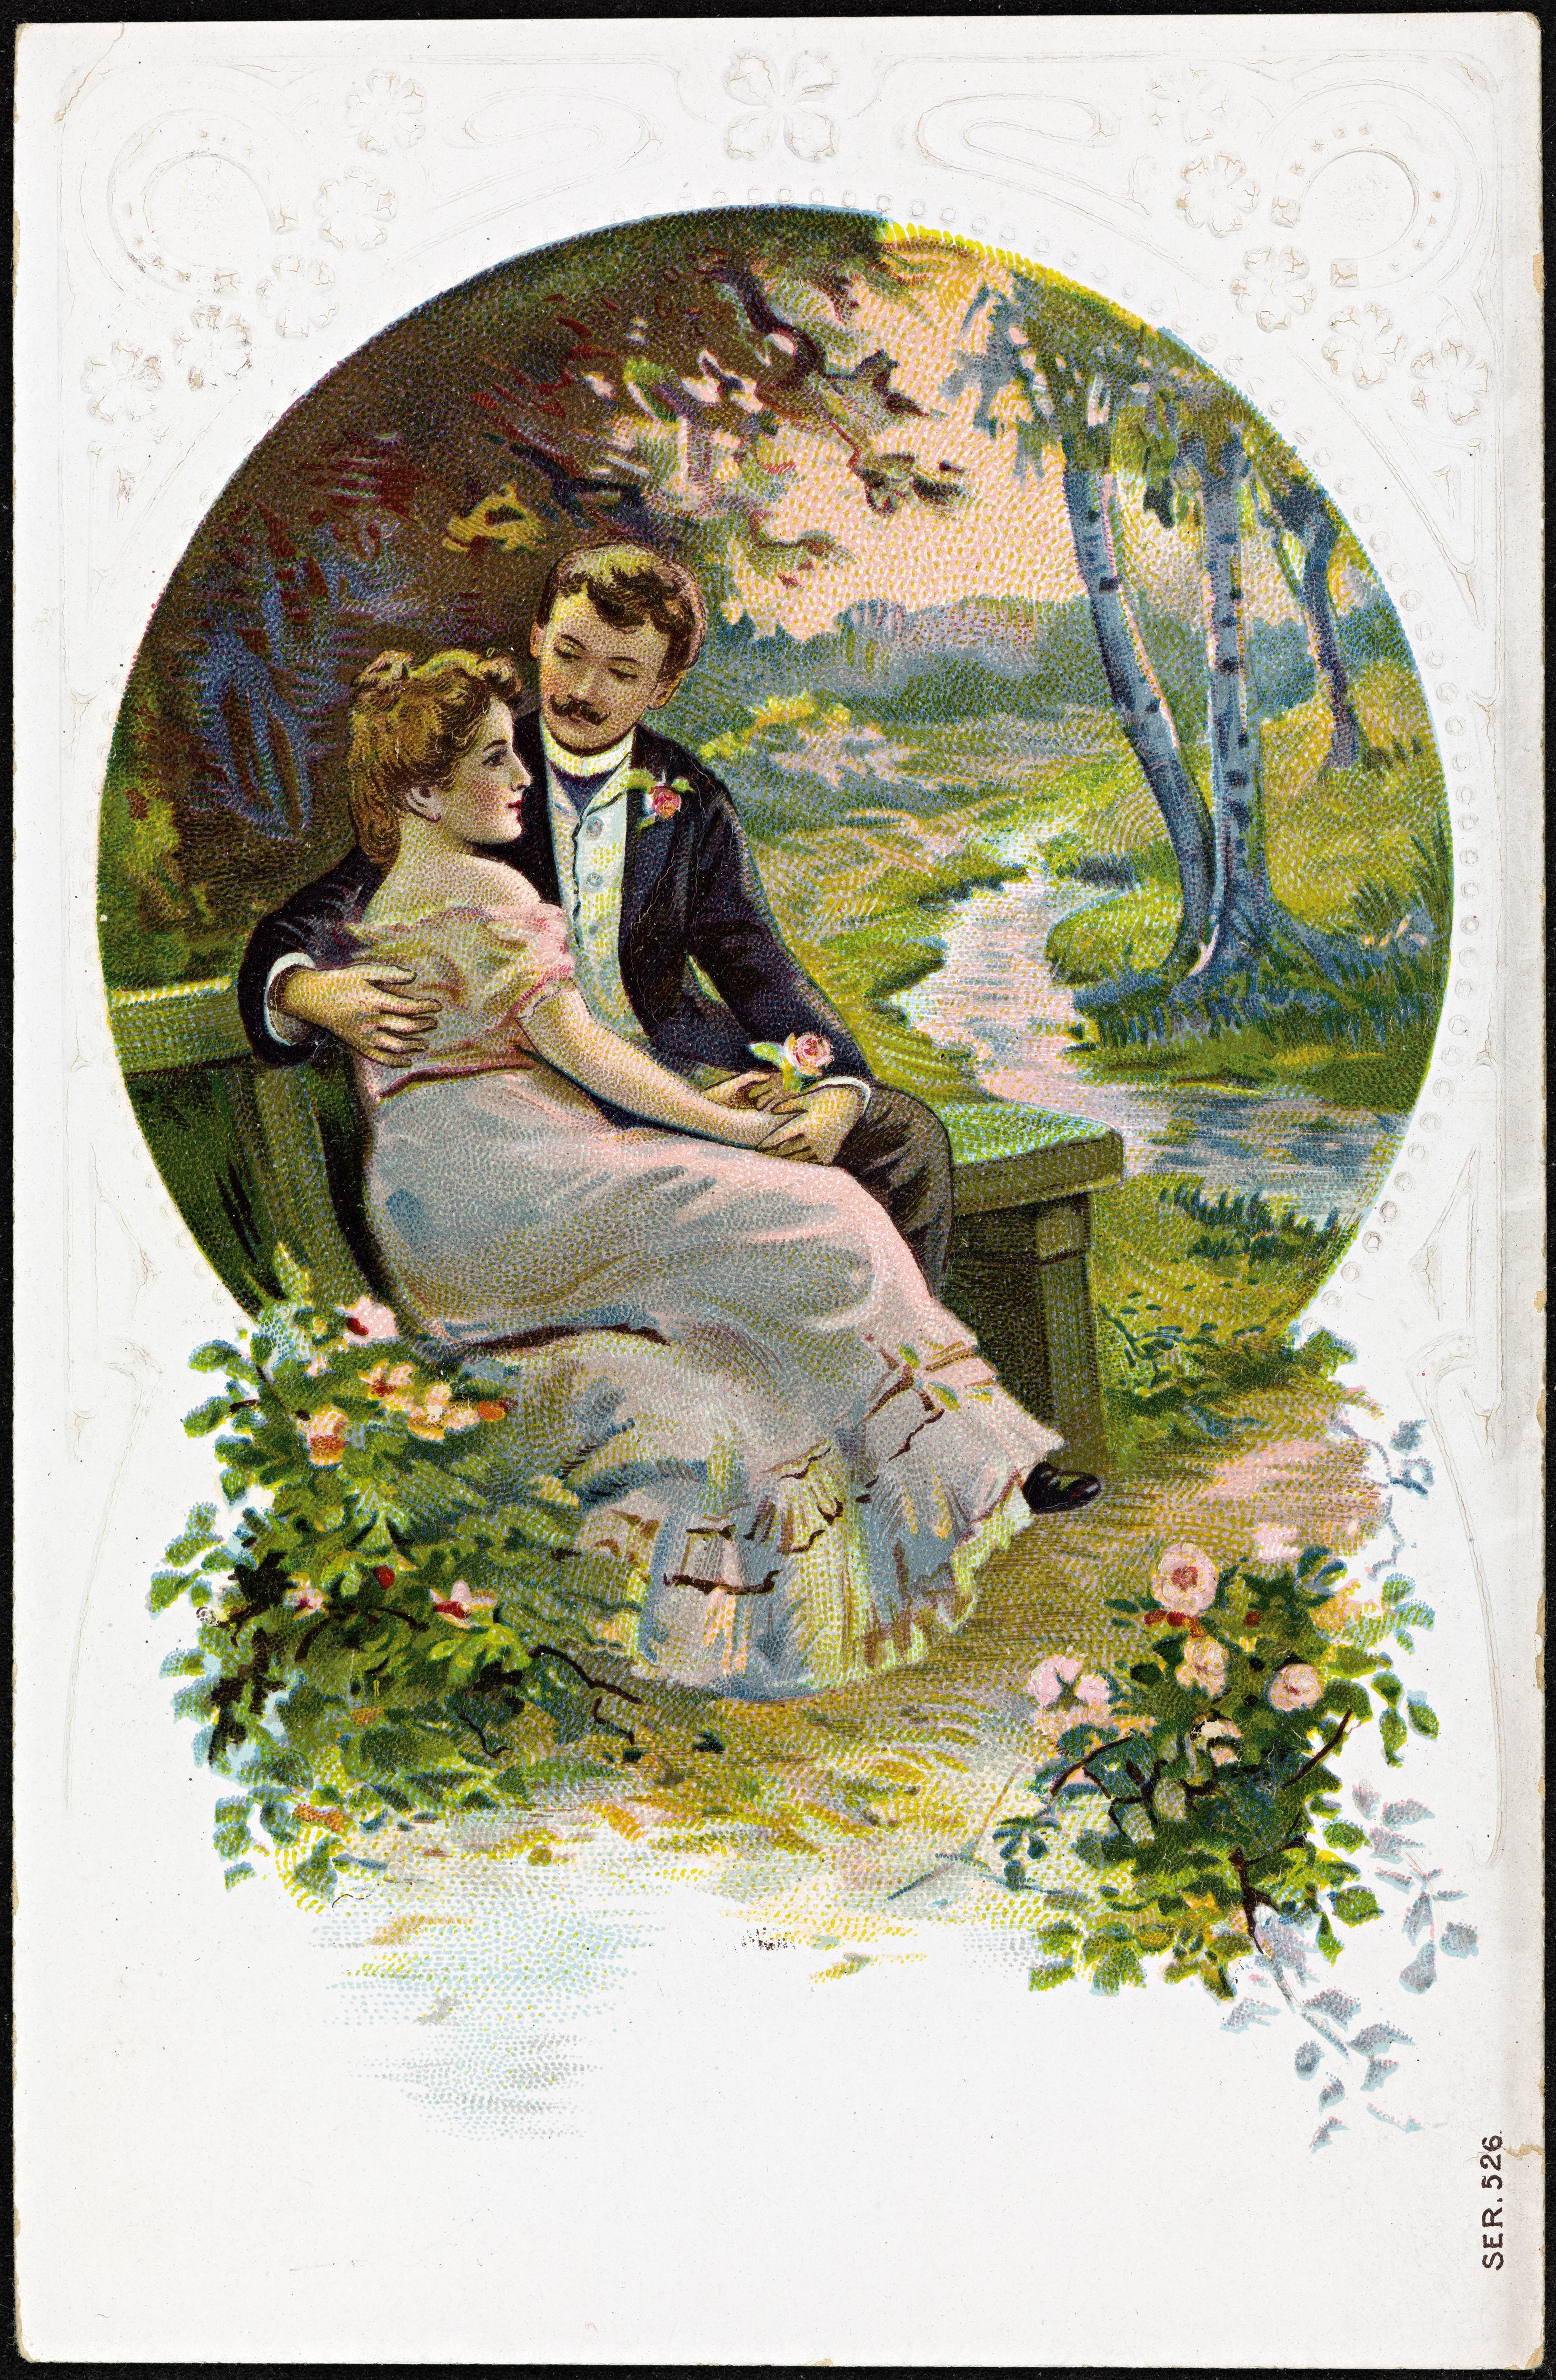 Også dette nydelige bildet av et par på date i naturskjønne omgivelser, er delt av Nasjonalbiblioteket. Det er ukjent når det er fra.